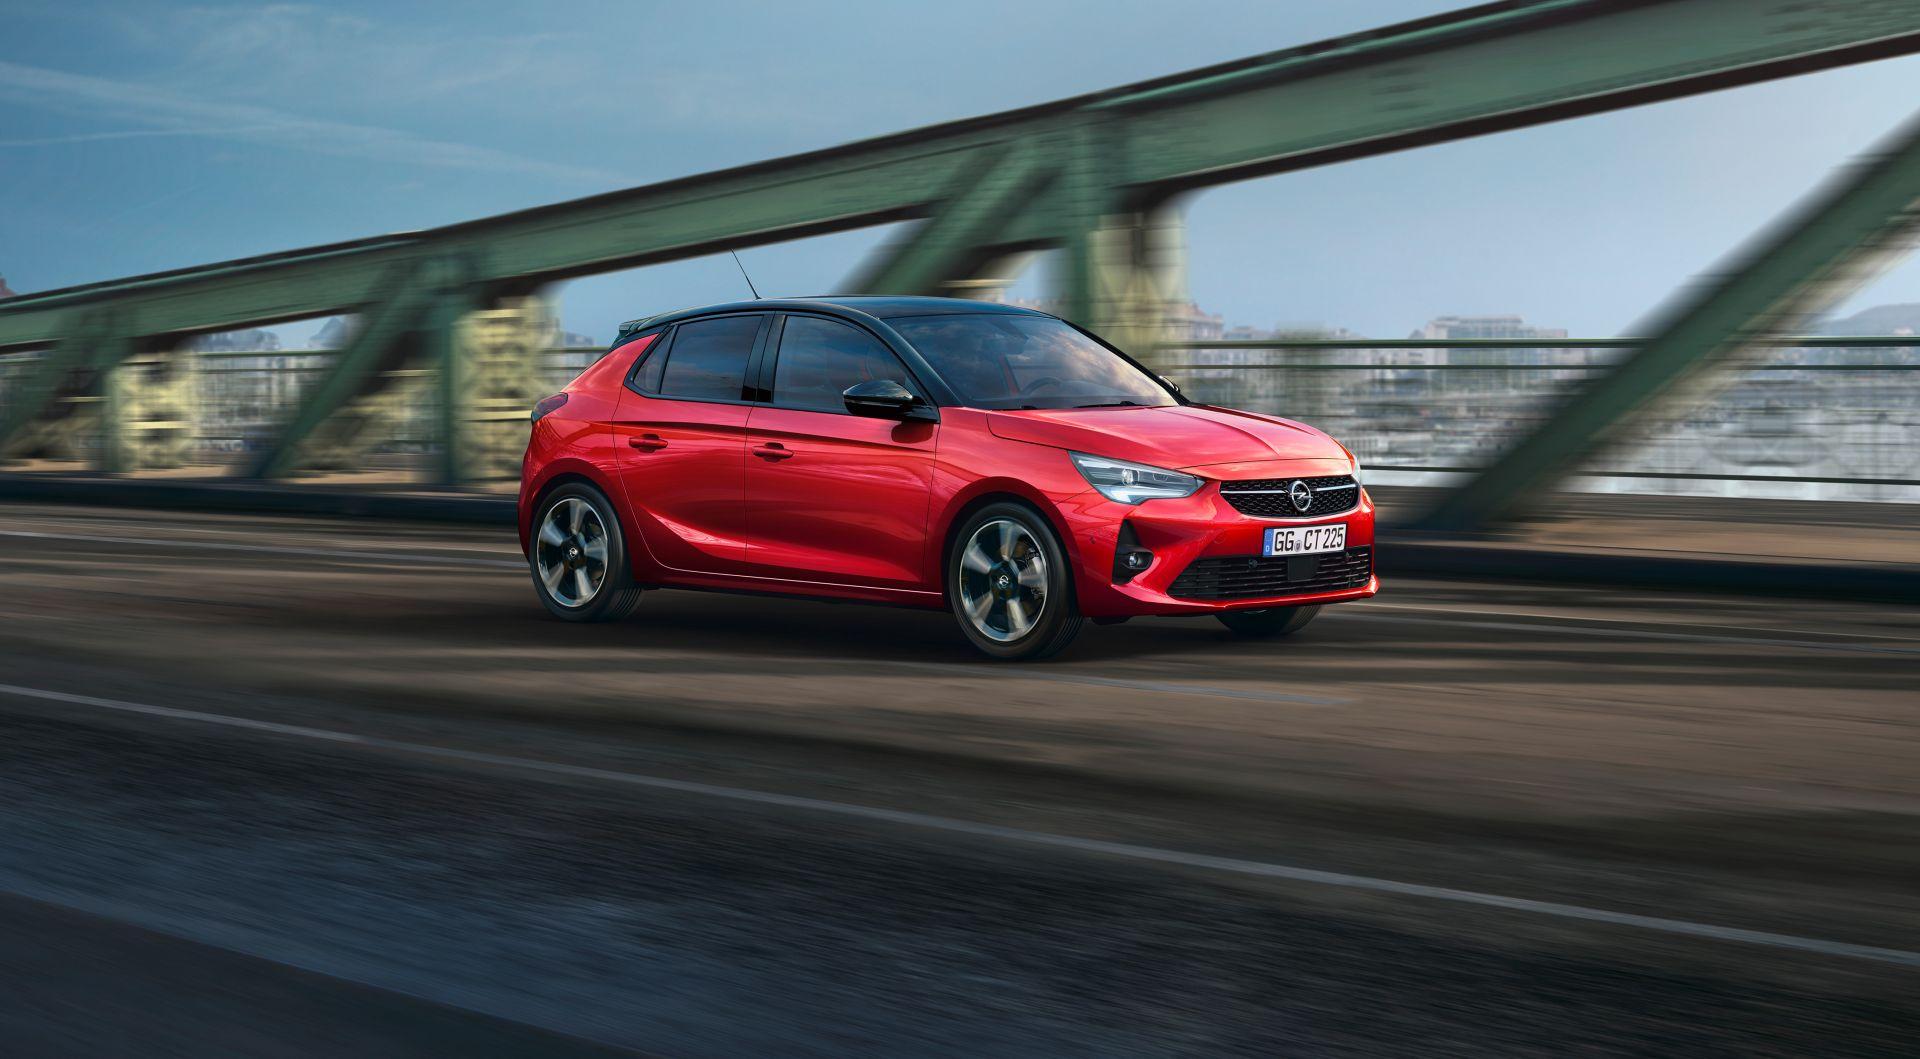 Tržište novih automobila u Hrvatskoj i dalje u plusu, a iznenađuje Corsa kao najprodavaniji model